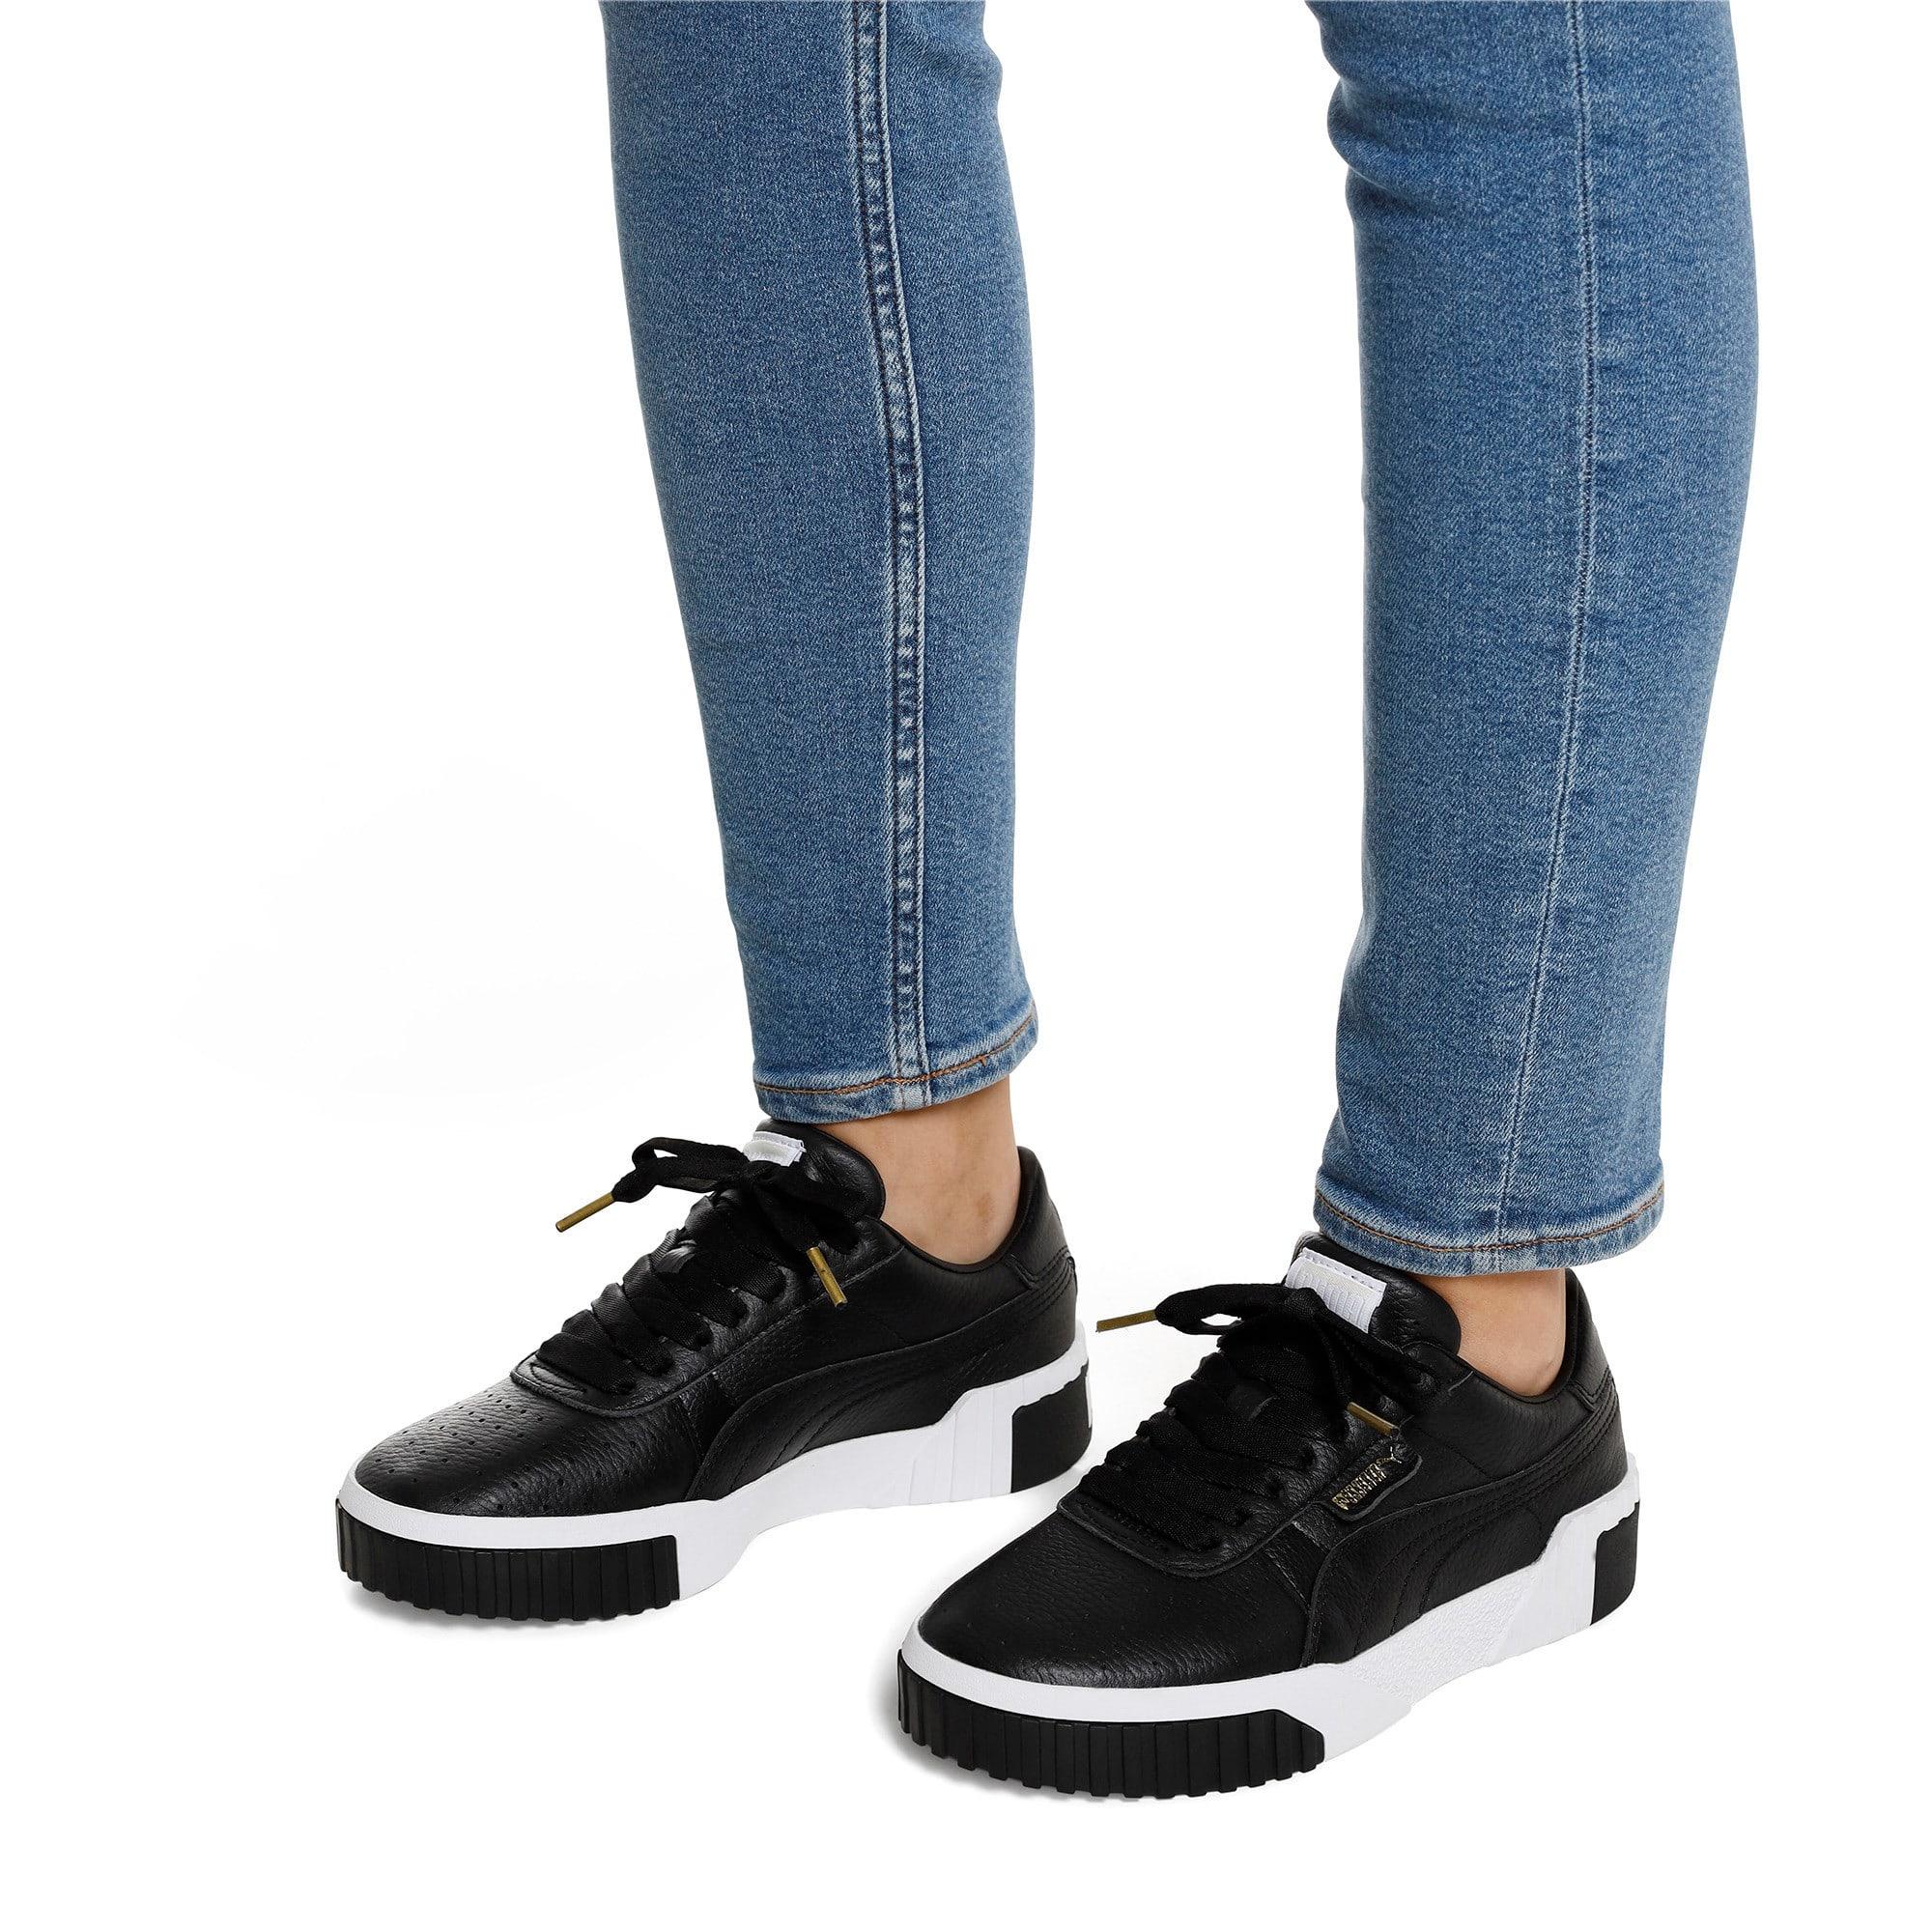 Miniatura 2 de Zapatos deportivos Cali para mujer, Puma Black-Puma White, mediano